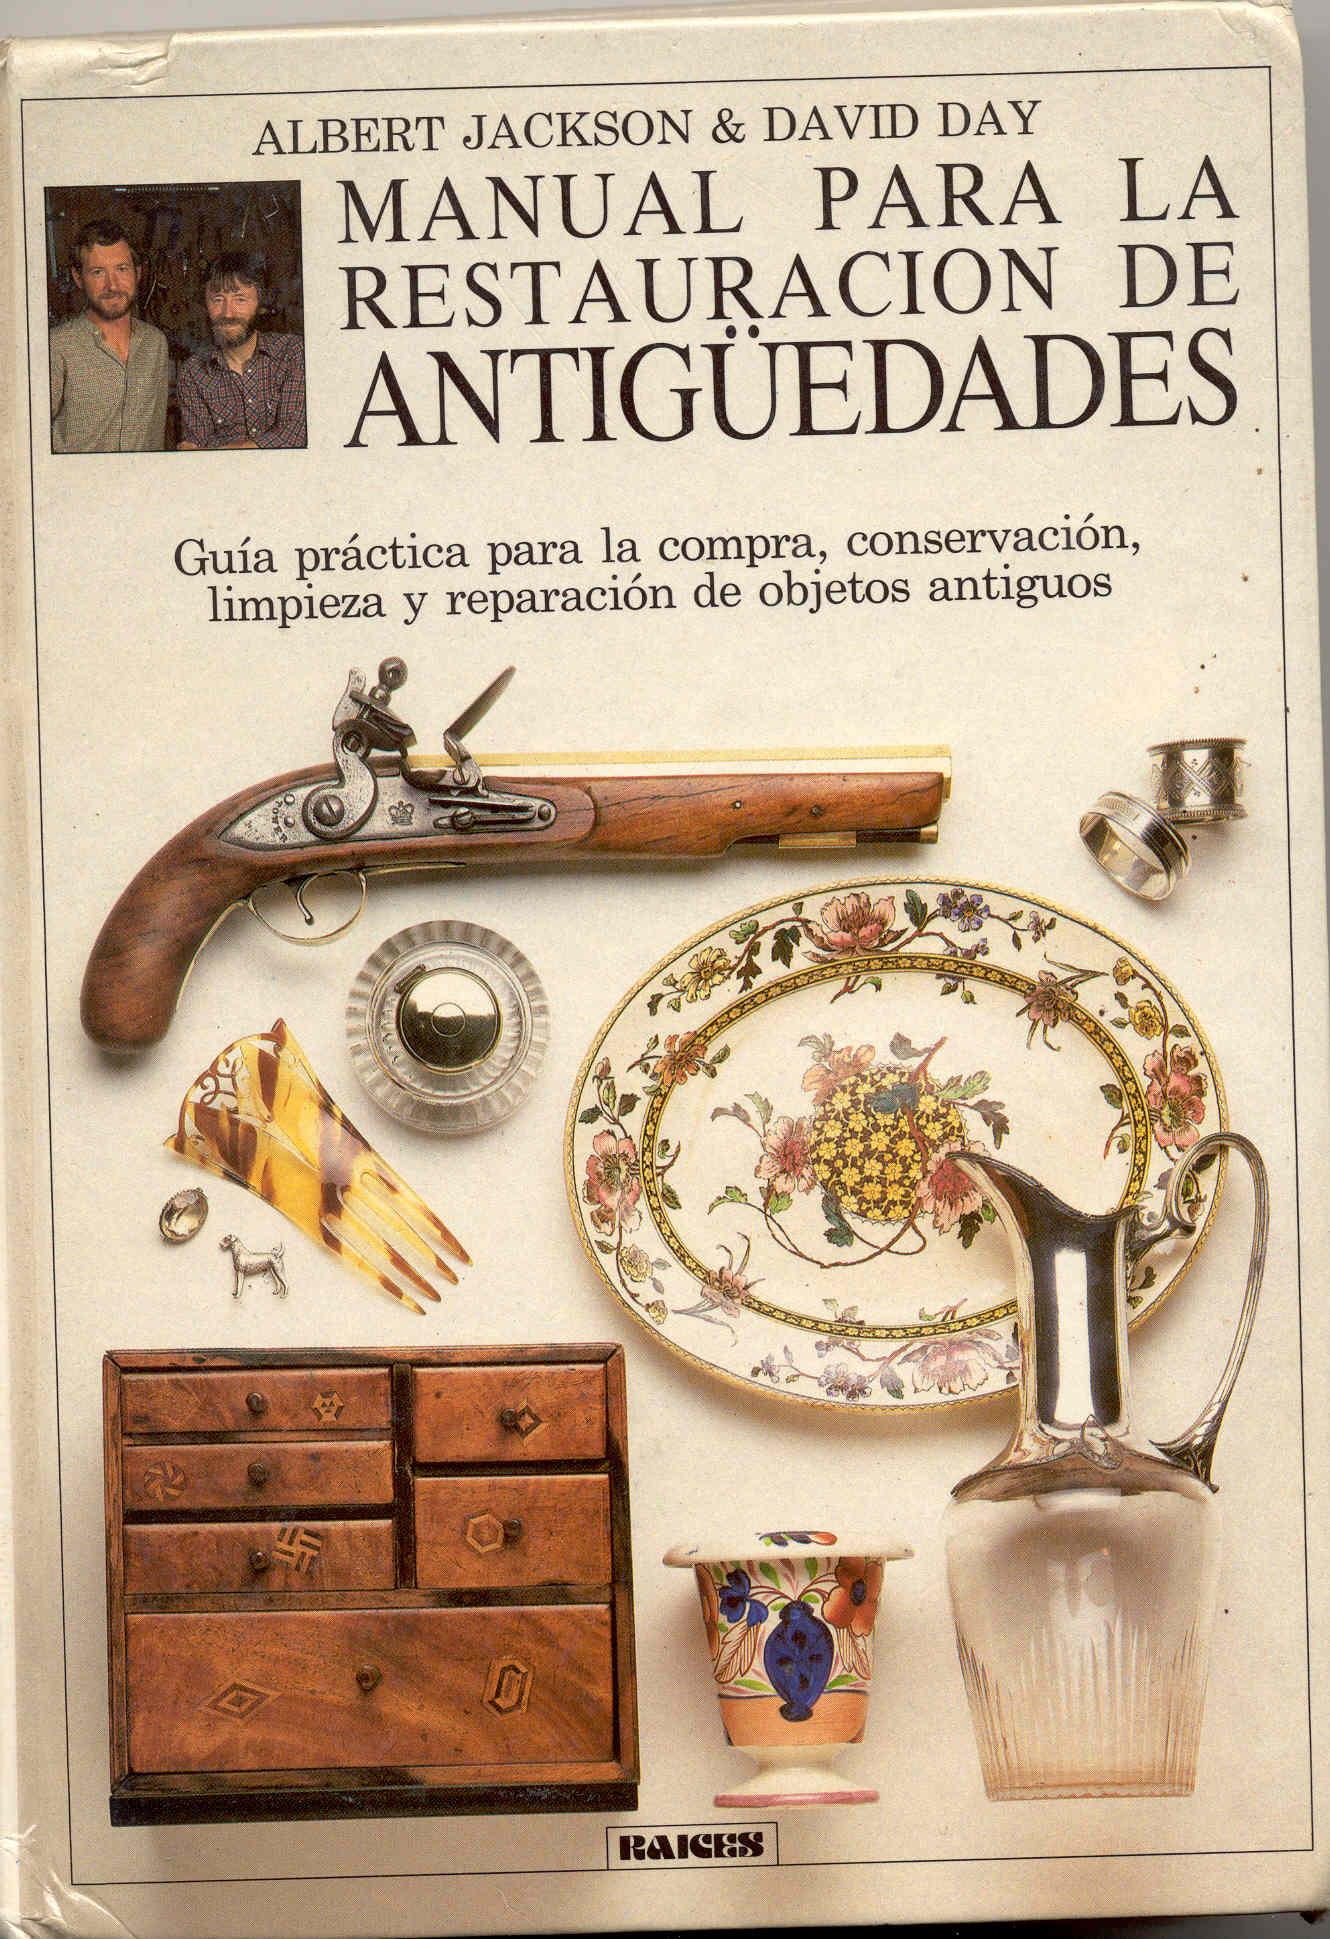 Manual para la restauración de antiguedades